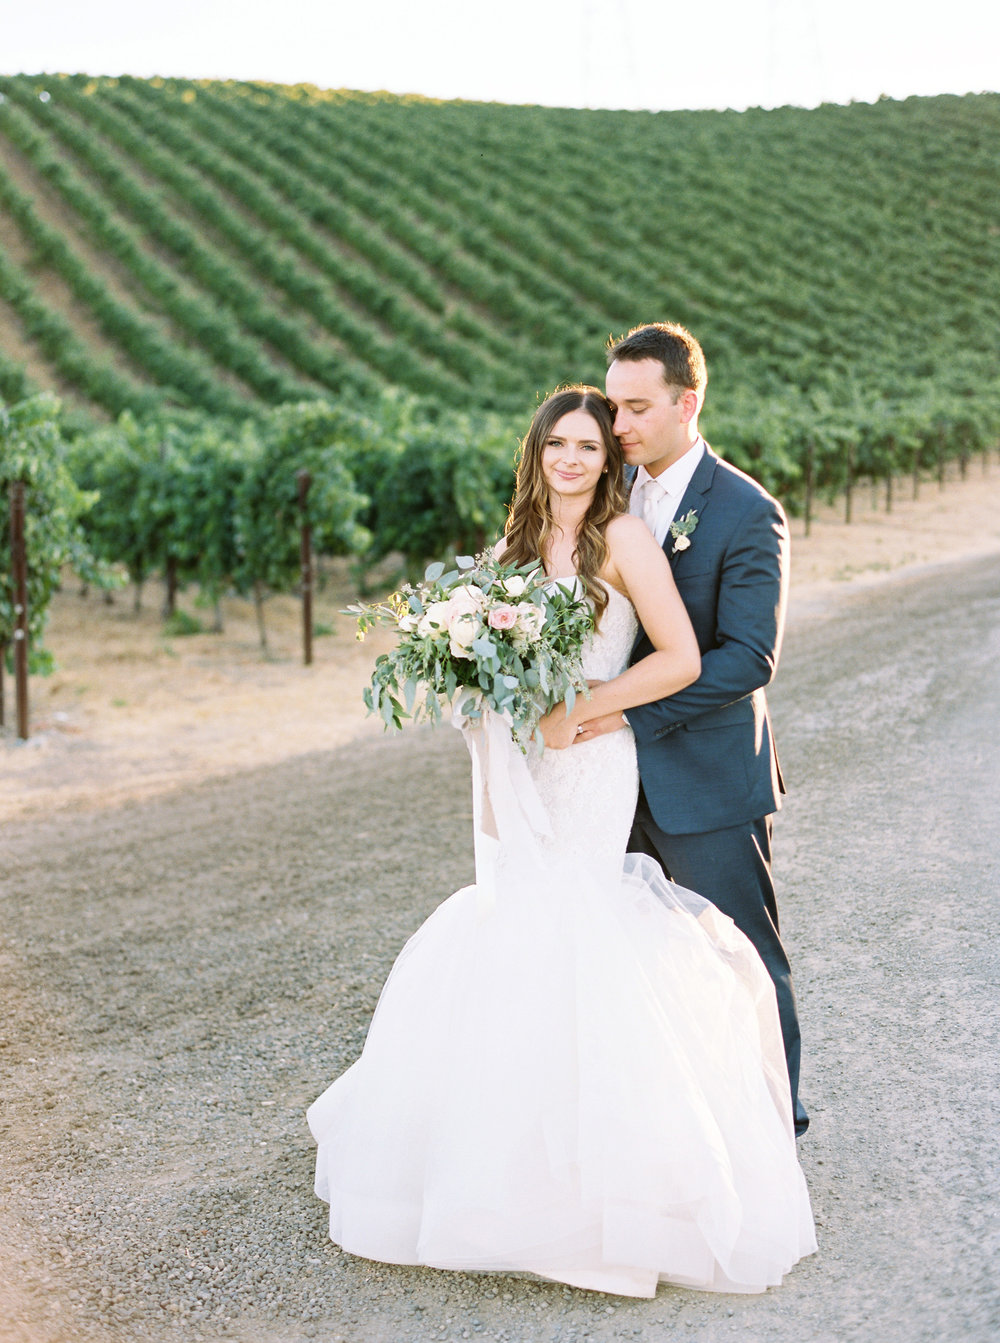 muriettas-well-wedding-in-livermore-california-43.jpg